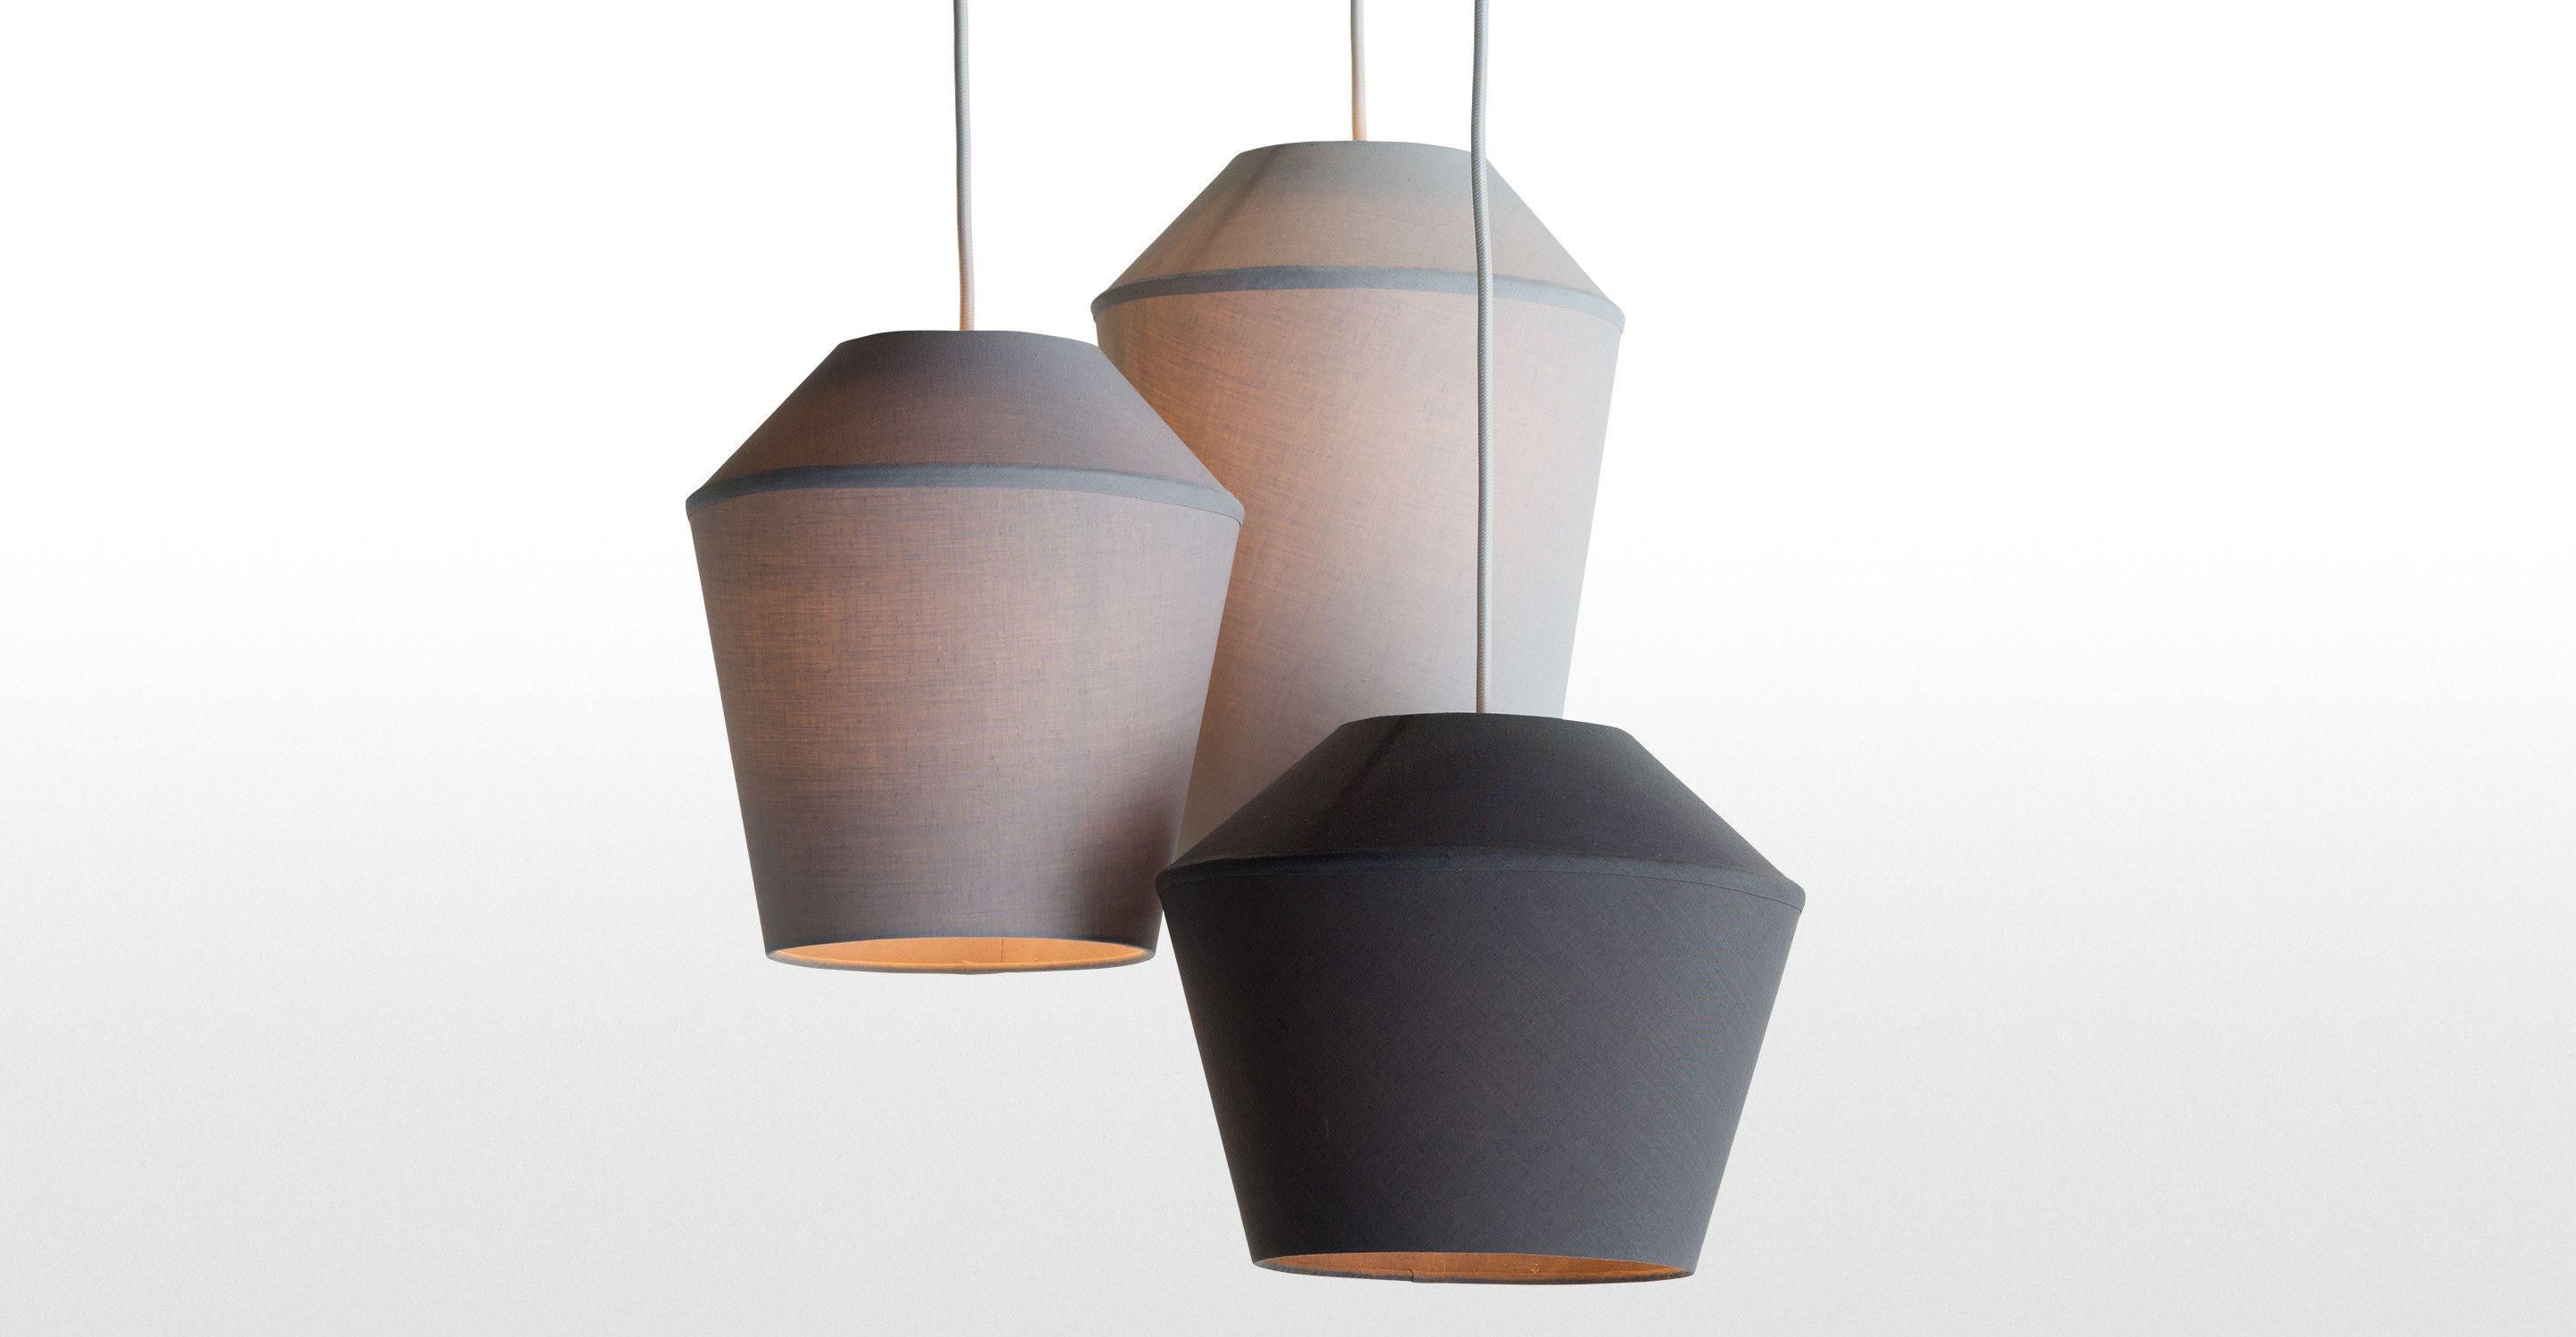 tuli cluster pendelleuchte graut ne sch ner wohnen pinterest h ngelampe lampen und wohnen. Black Bedroom Furniture Sets. Home Design Ideas